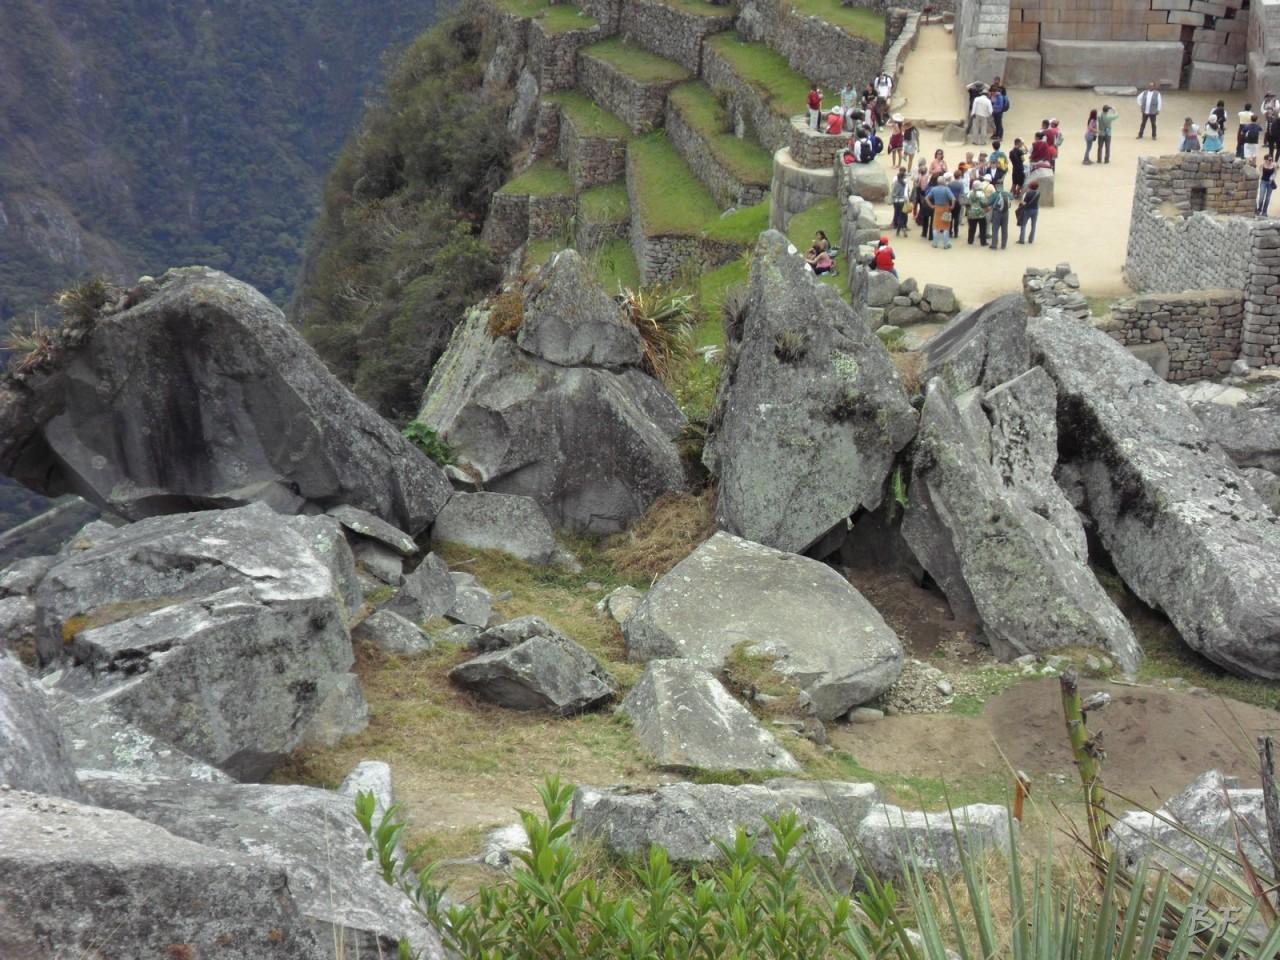 Mura-Poligonali-Incisioni-Altari-Edifici-Rupestri-Megaliti-Machu-Picchu-Aguas-Calientes-Urubamba-Cusco-Perù-82